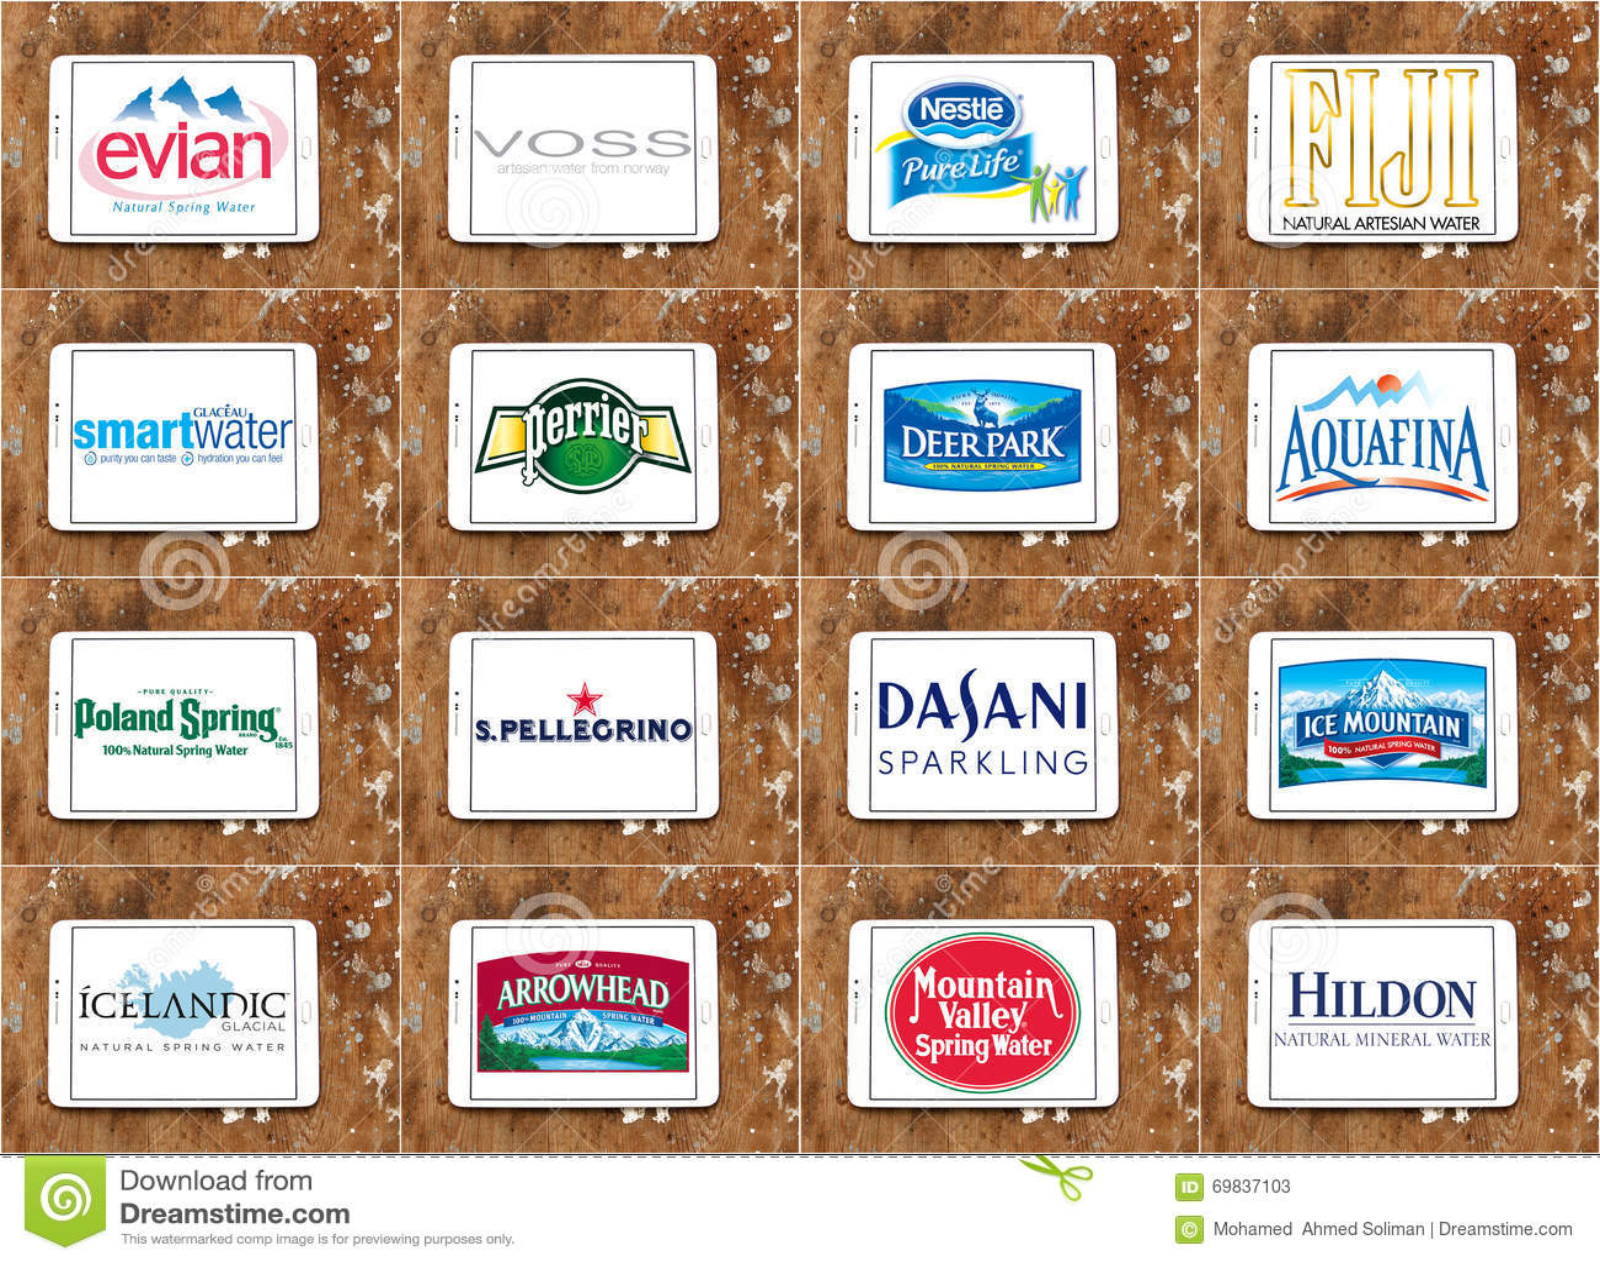 Mineralwassermarken Und Logos Redaktionelles Stockfoto Bild Von